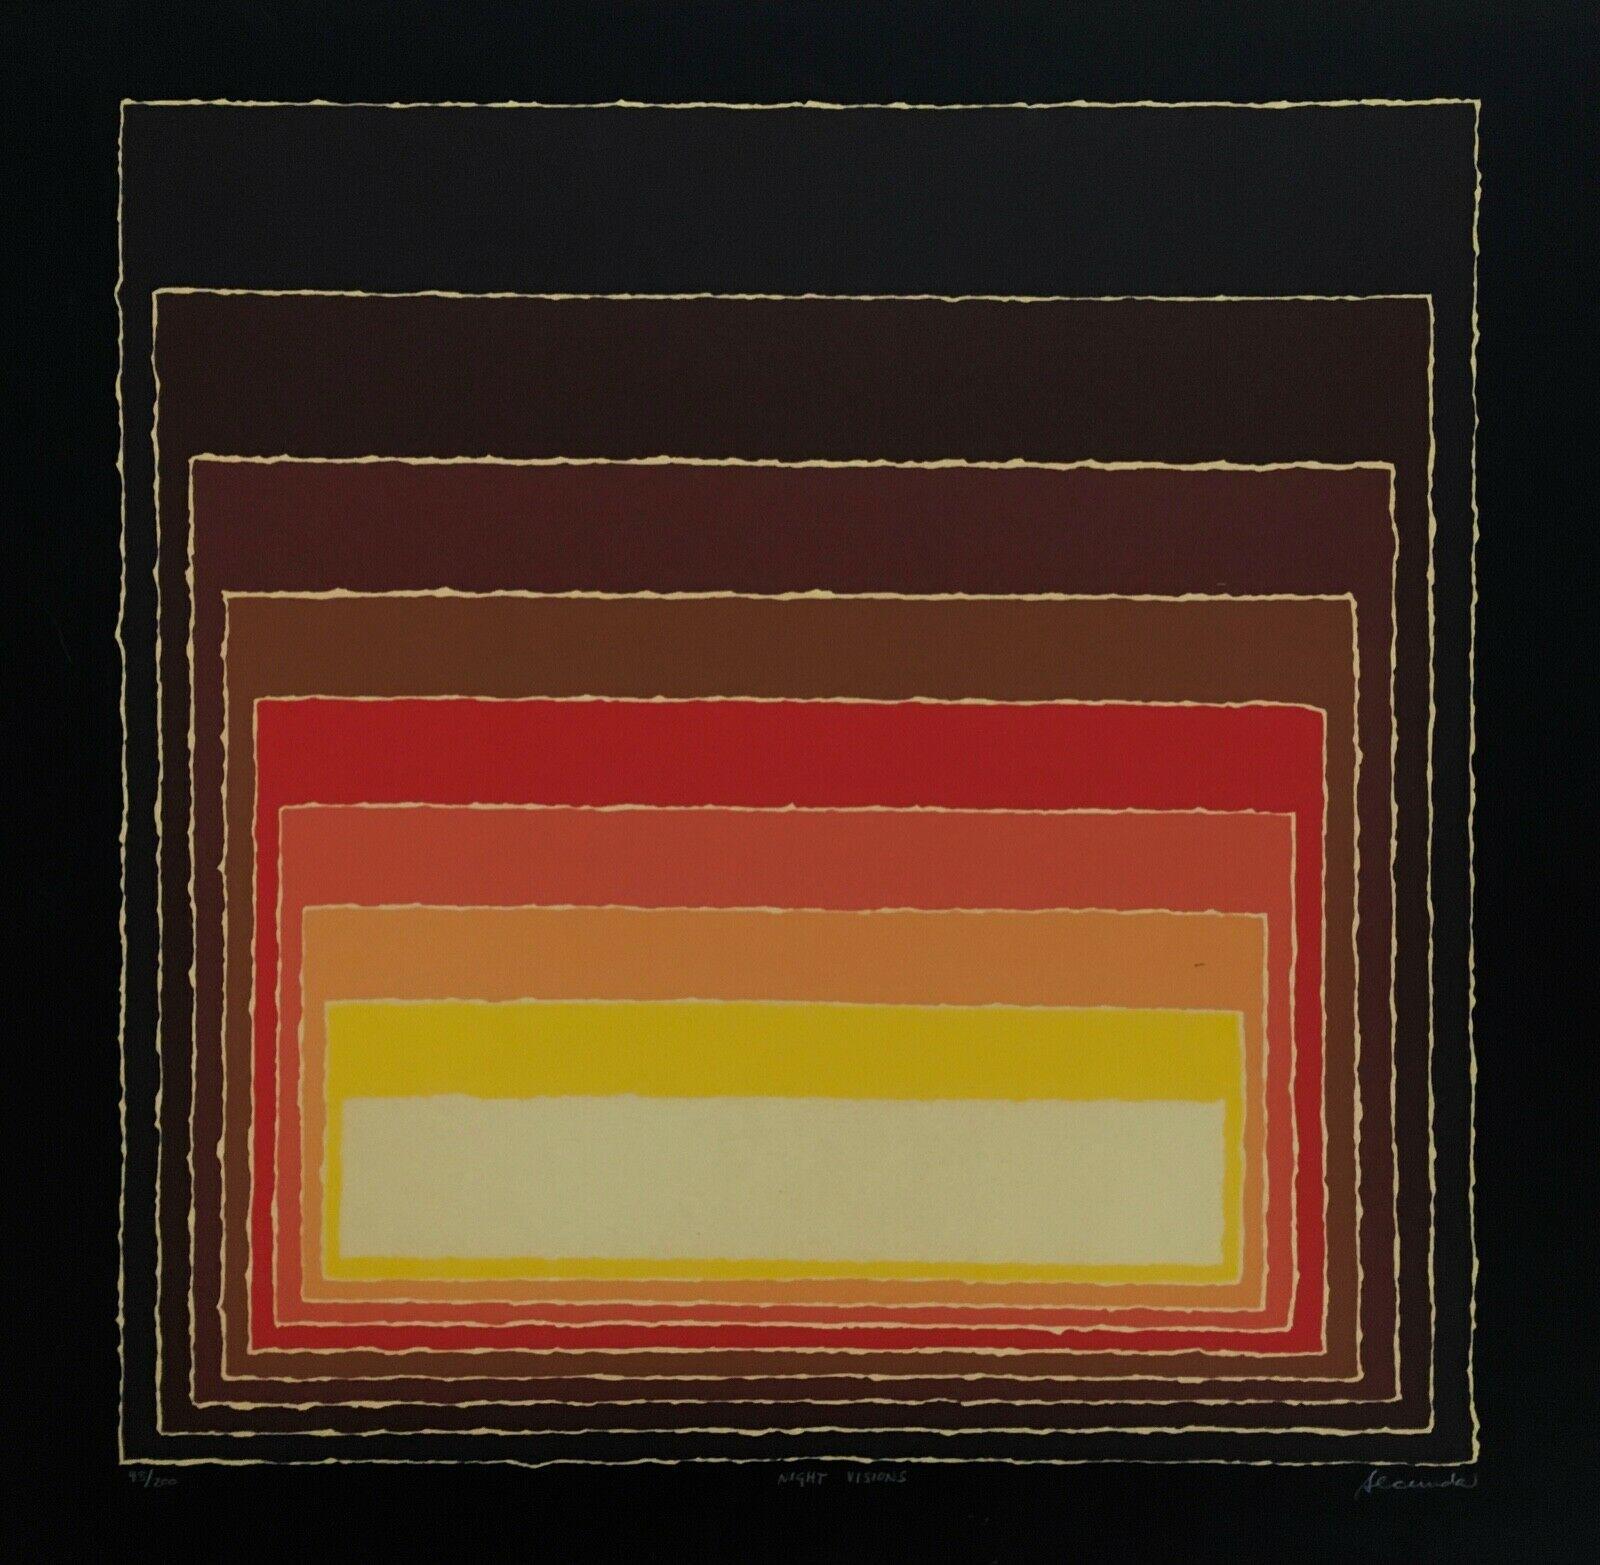 Night Visions, Limited Edition Silkscreen, Arthur Secunda